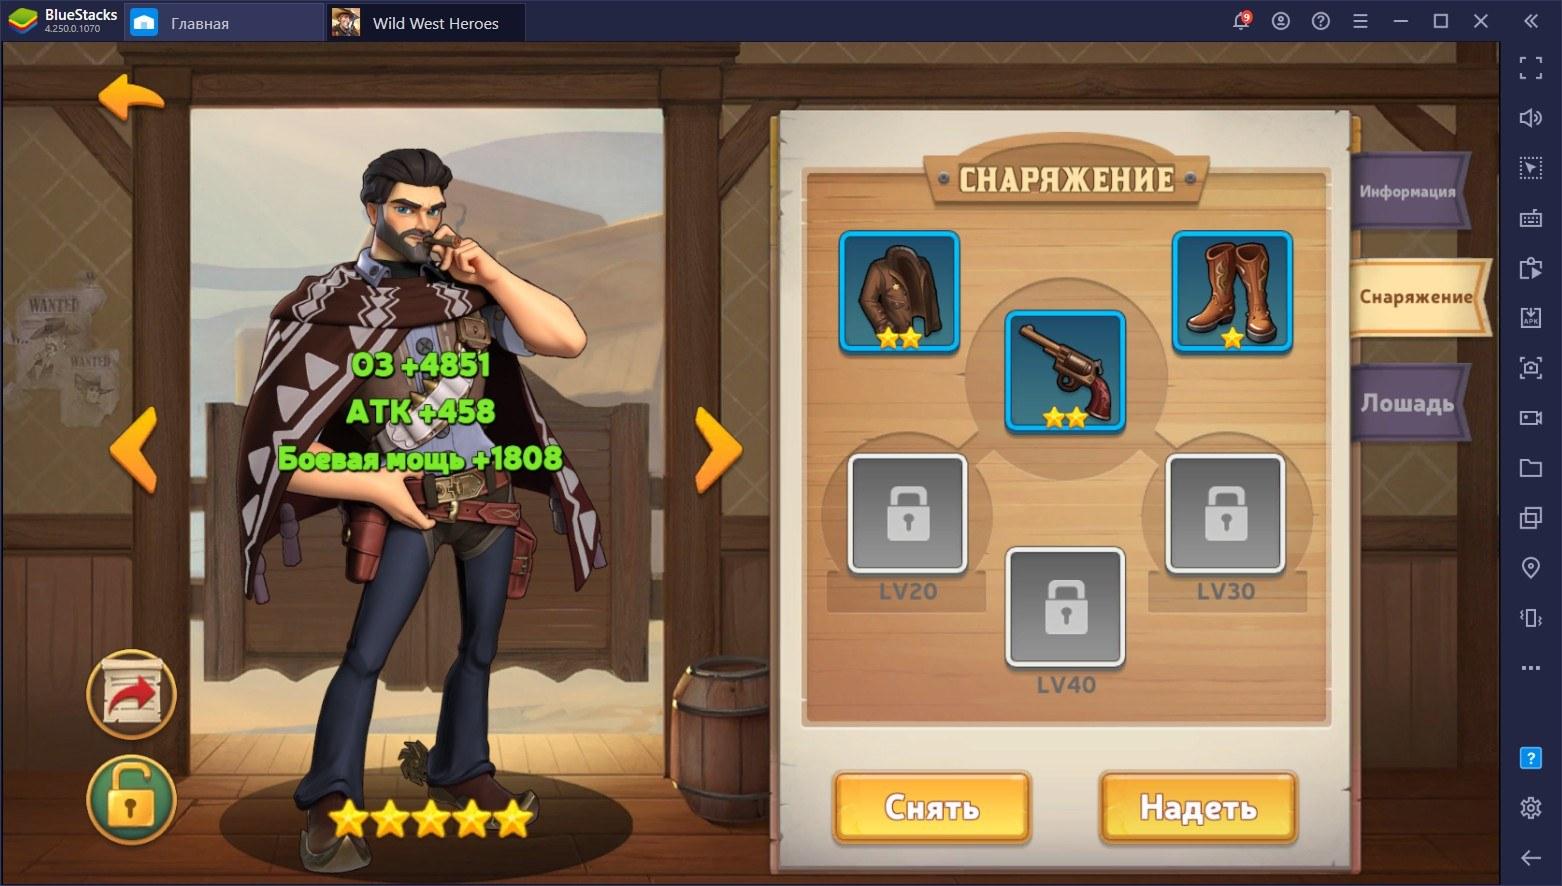 Гайд по прокачке героев в Wild West Heroes